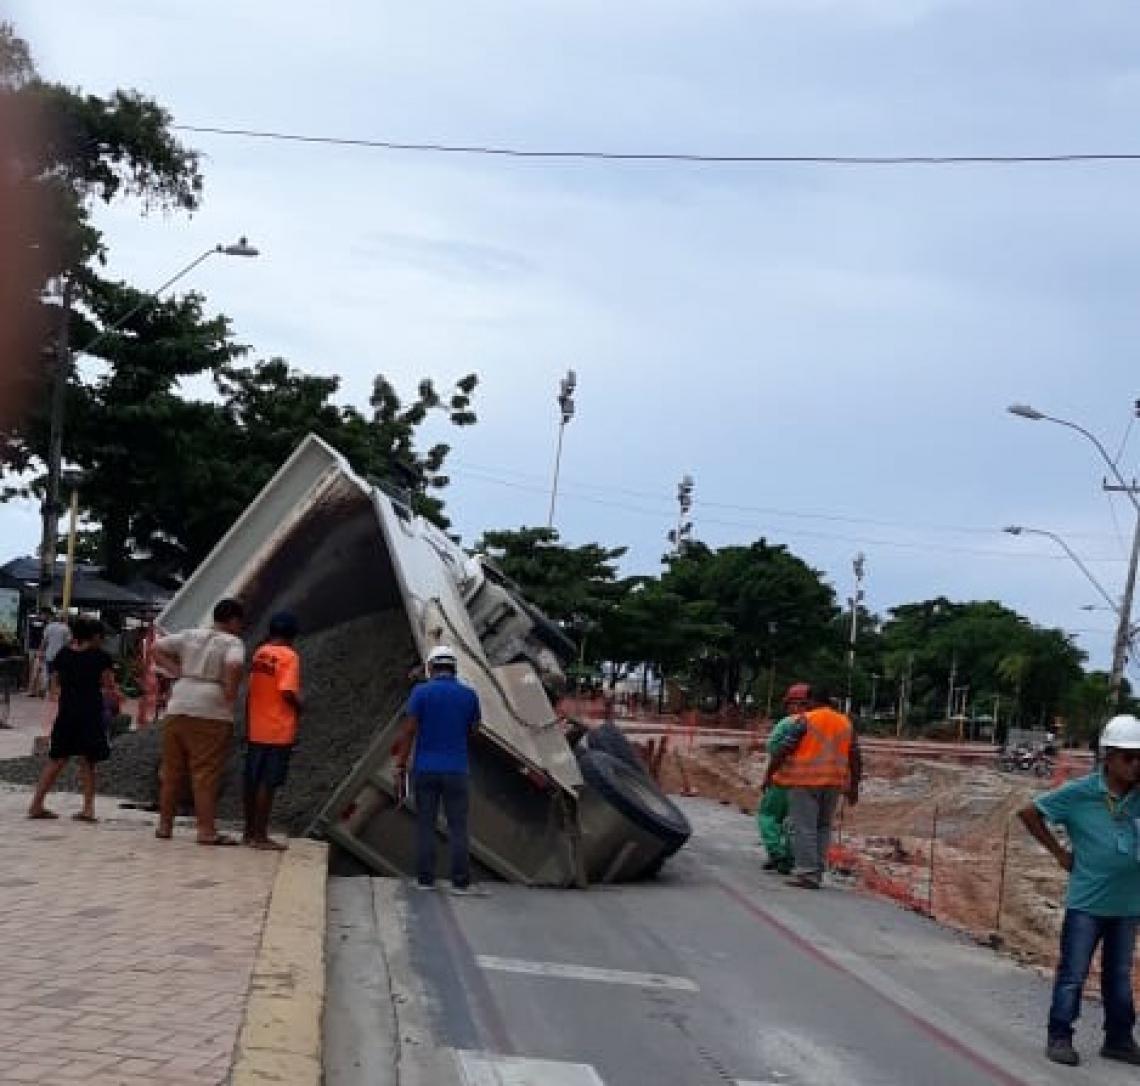 Caminhão cai em cratera na Beira Mar após tombar